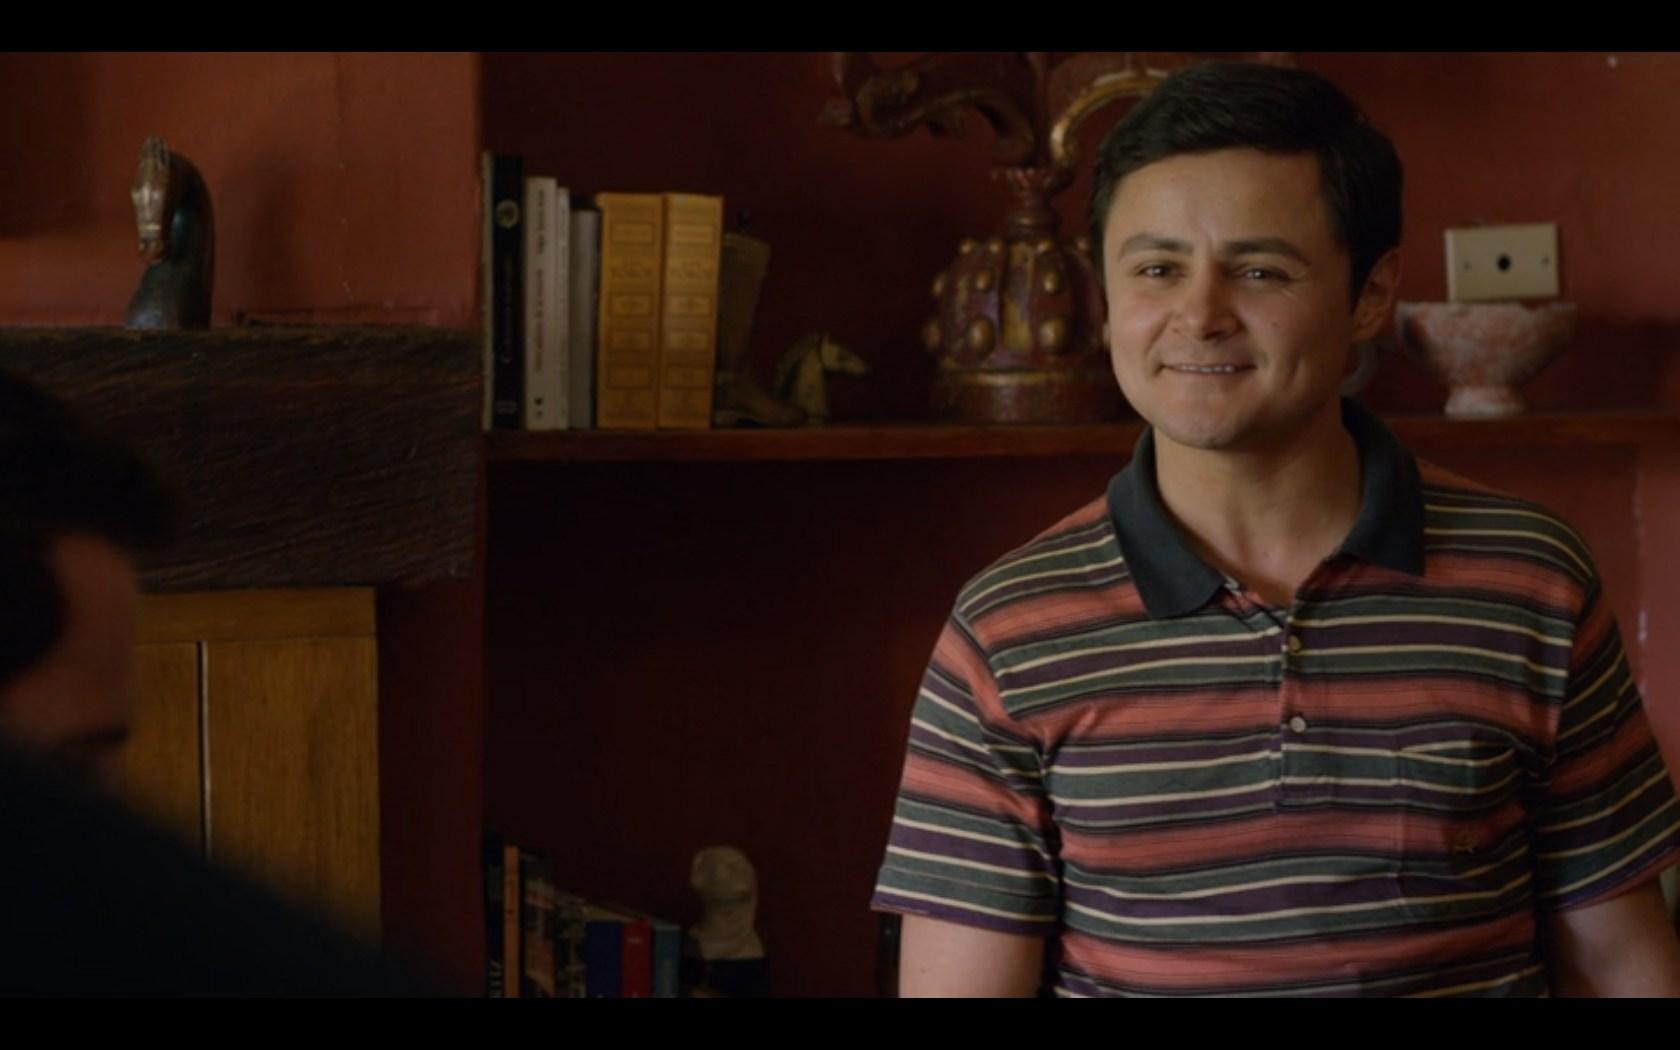 ダビド・ロドリゲス(David Rodriguez)俳優:アートゥロ・カストロ(Arturo Castro)